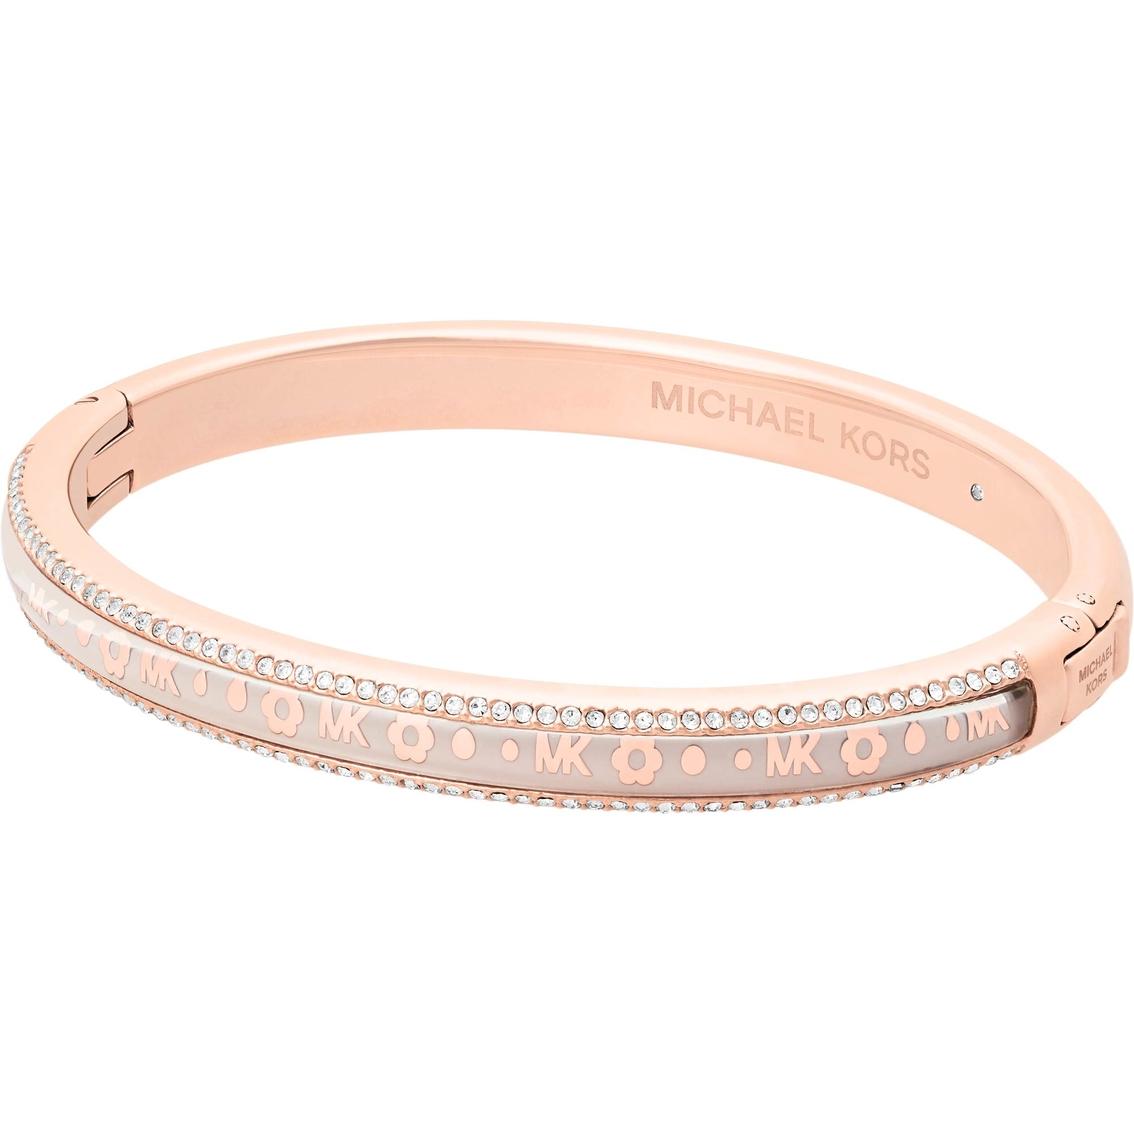 2f1038f7bdc10 Michael Kors Rose Goldtone Heritage Bracelet